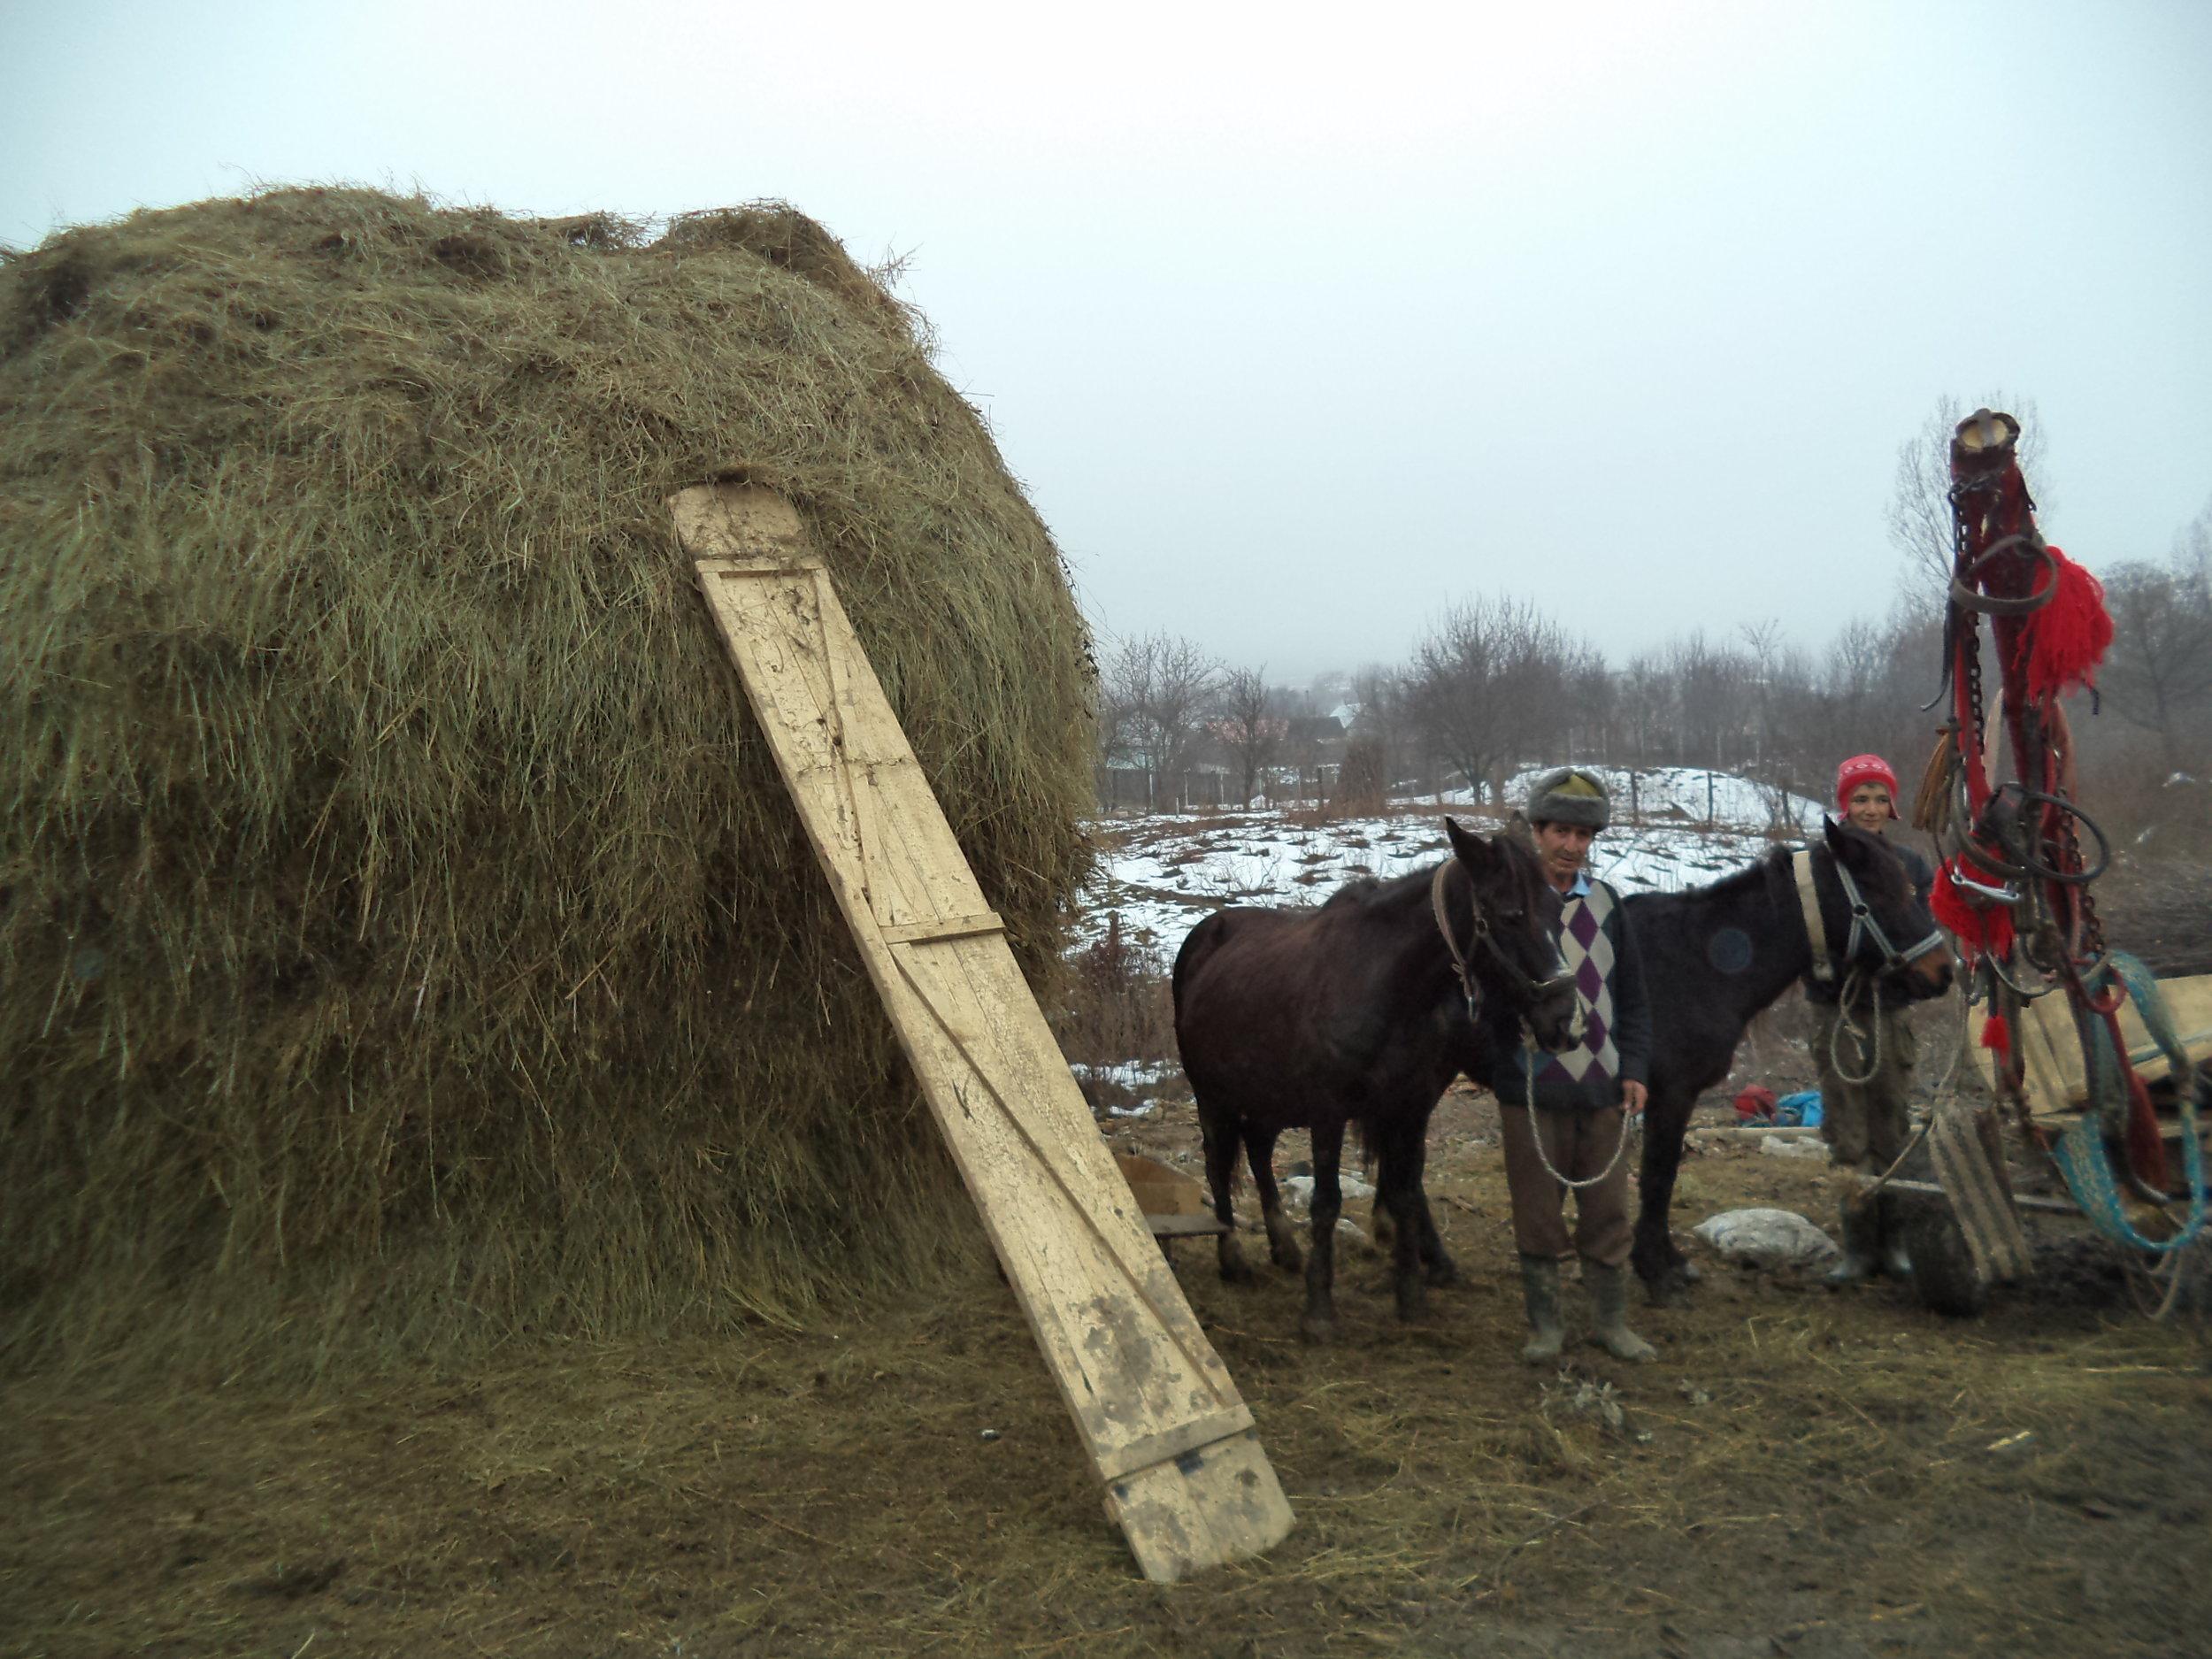 die Besitzer haben viel Heu für den harten   Winter gemacht und zeigen uns stolz ihr Ergebnis.